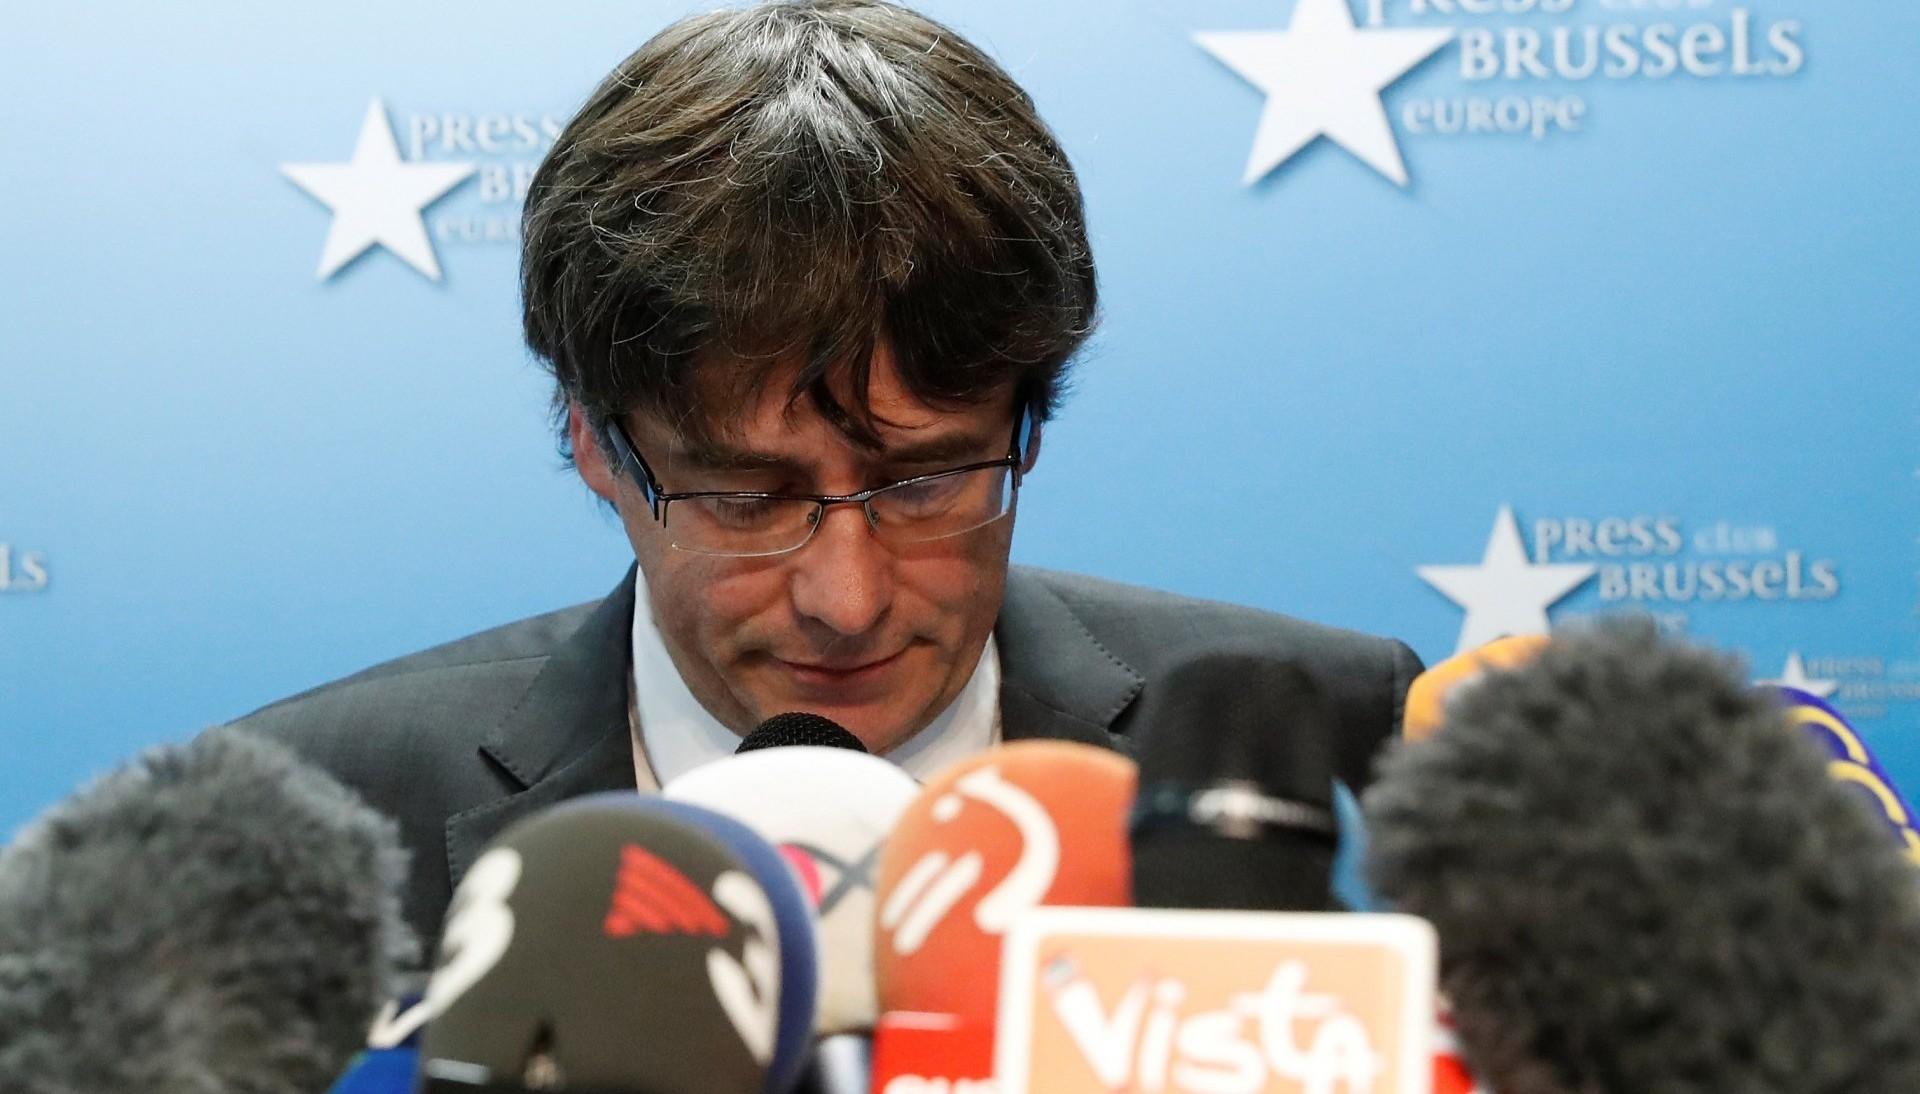 Carles Puigdemont durante una conferencia de prensa en Bruselas (Reuters)